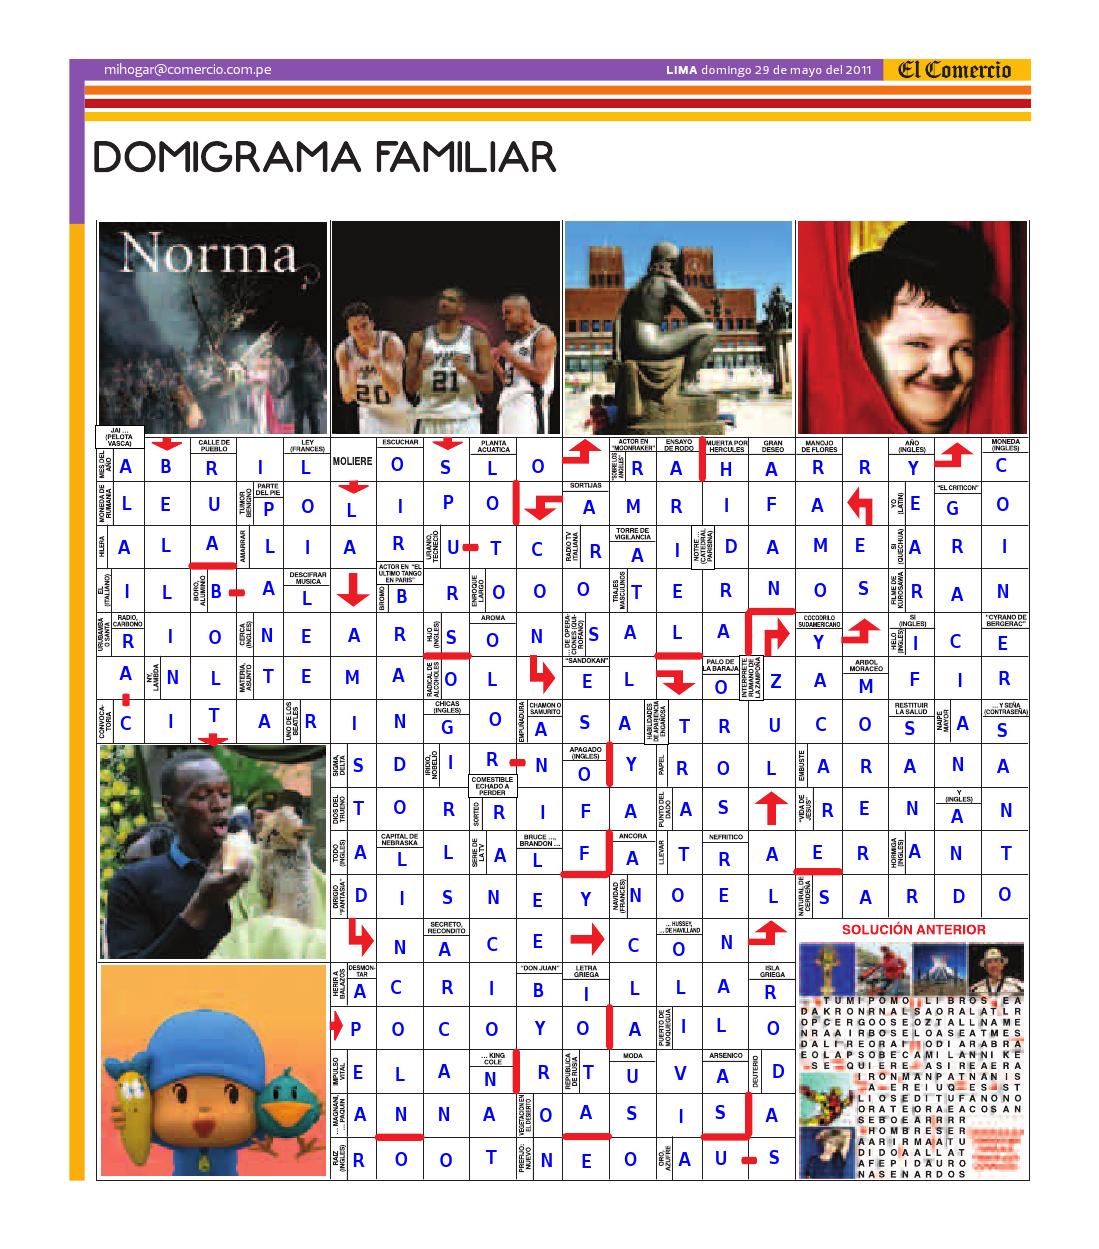 Solución del Dominigrama Familiar del domingo 28 de mayo del 2011